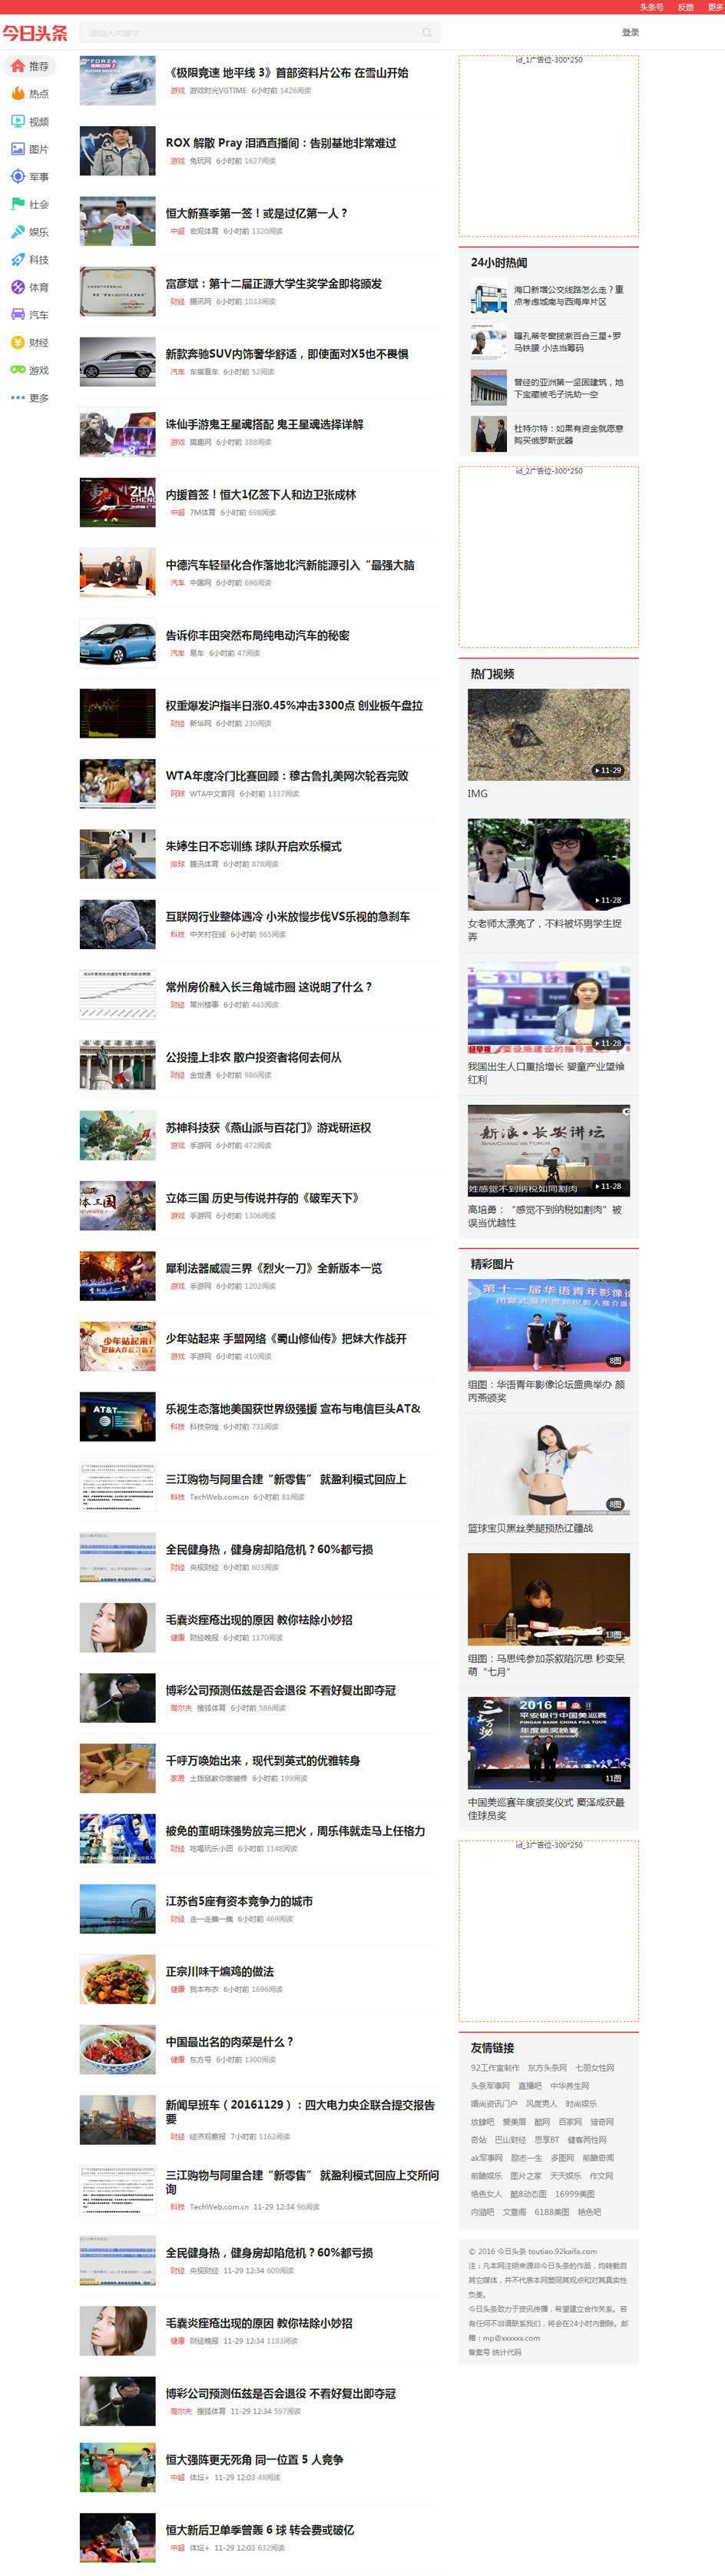 帝国7.2最新仿今日头条新闻资讯网站源码模板 带手机版送采集+建站教程CMS等